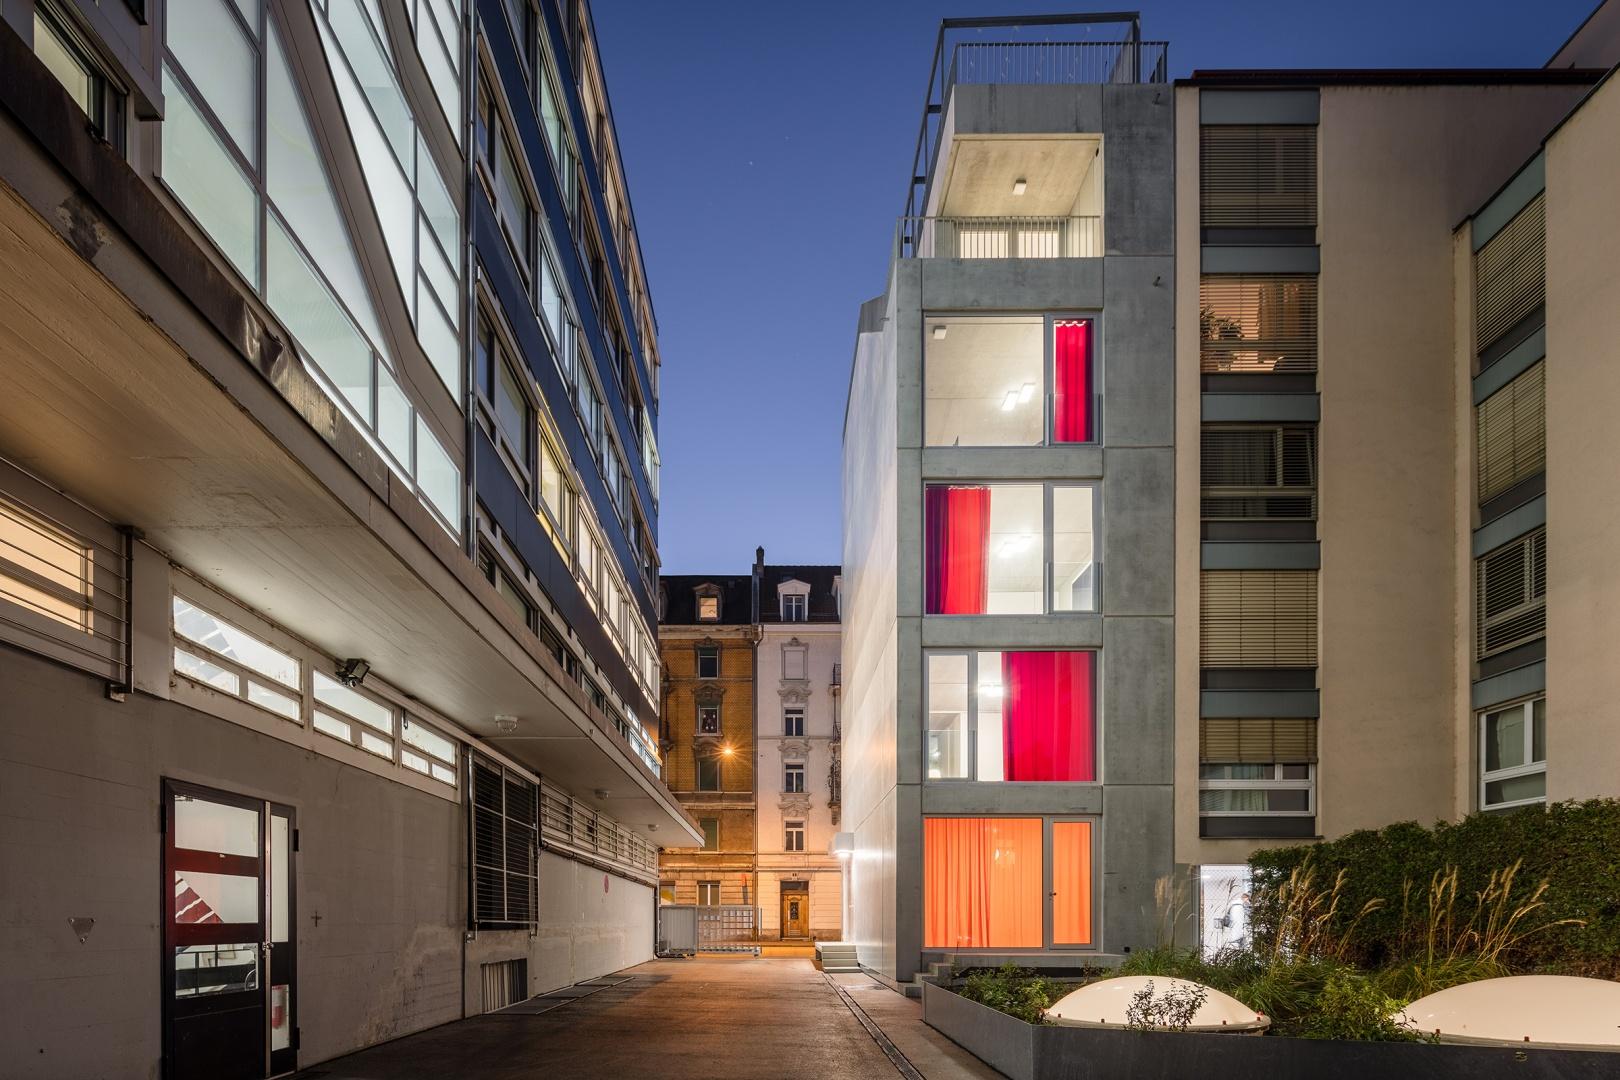 Fensterfront Innenhof © Radek Brunecky